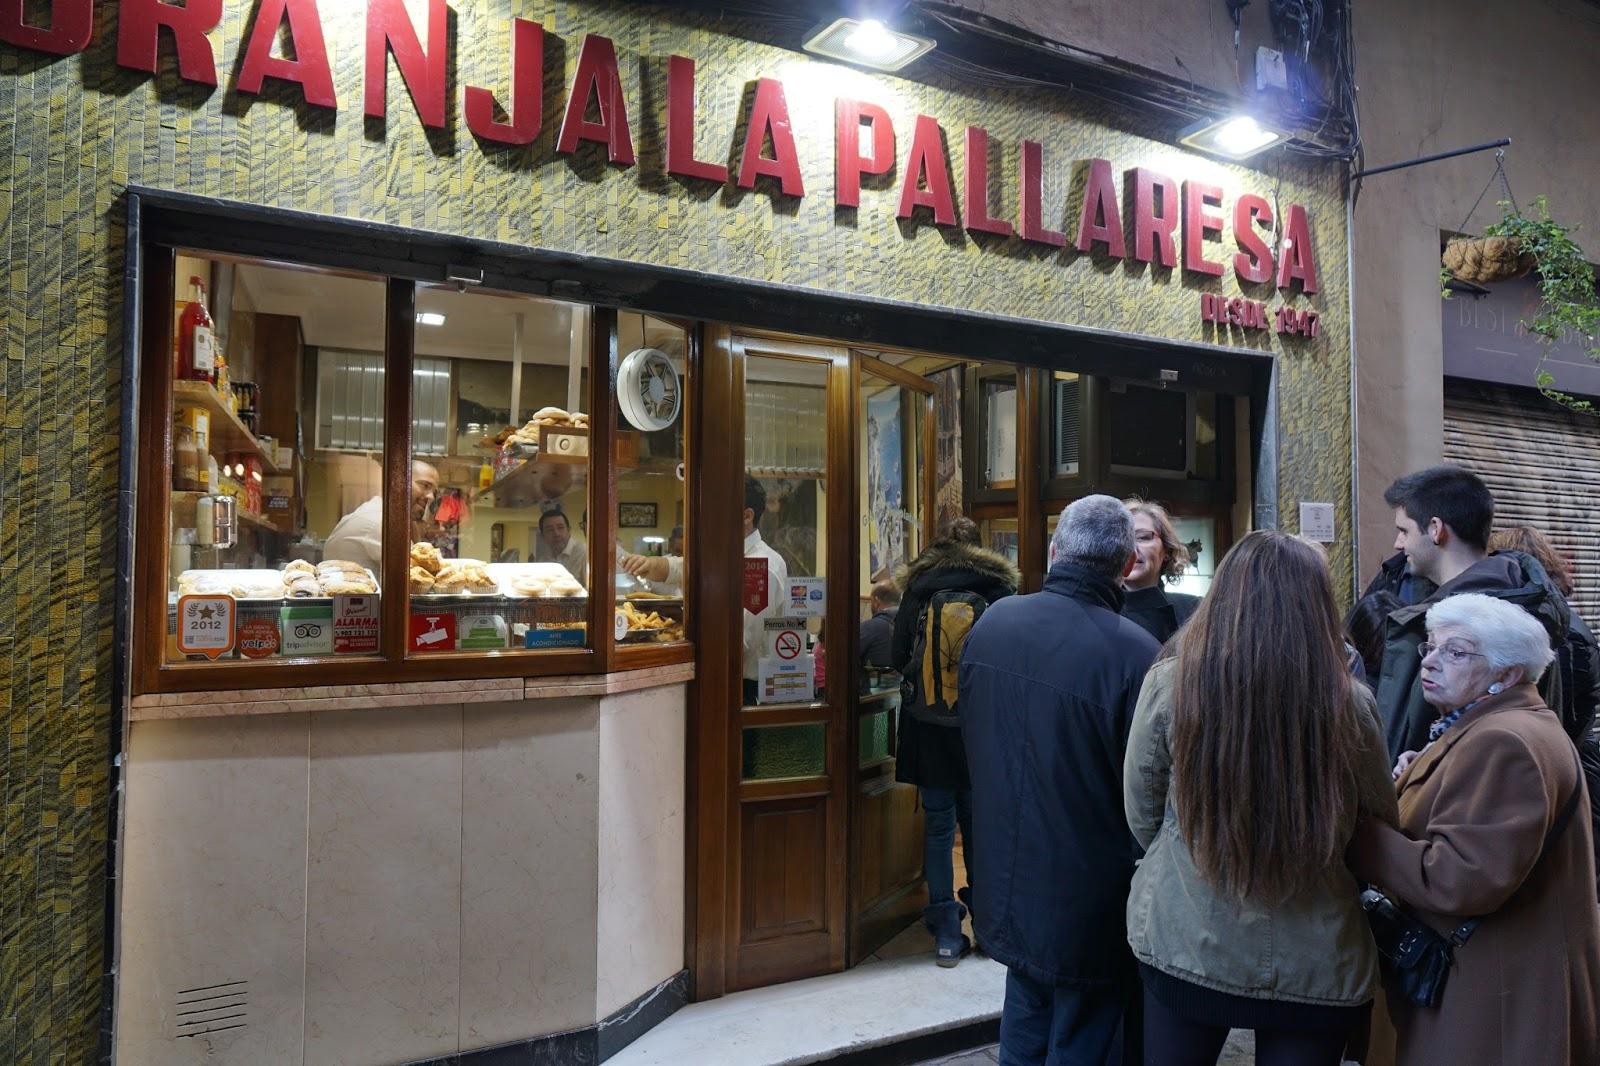 グランハ・ラ・パジャレサ(Granja La Pallaresa)